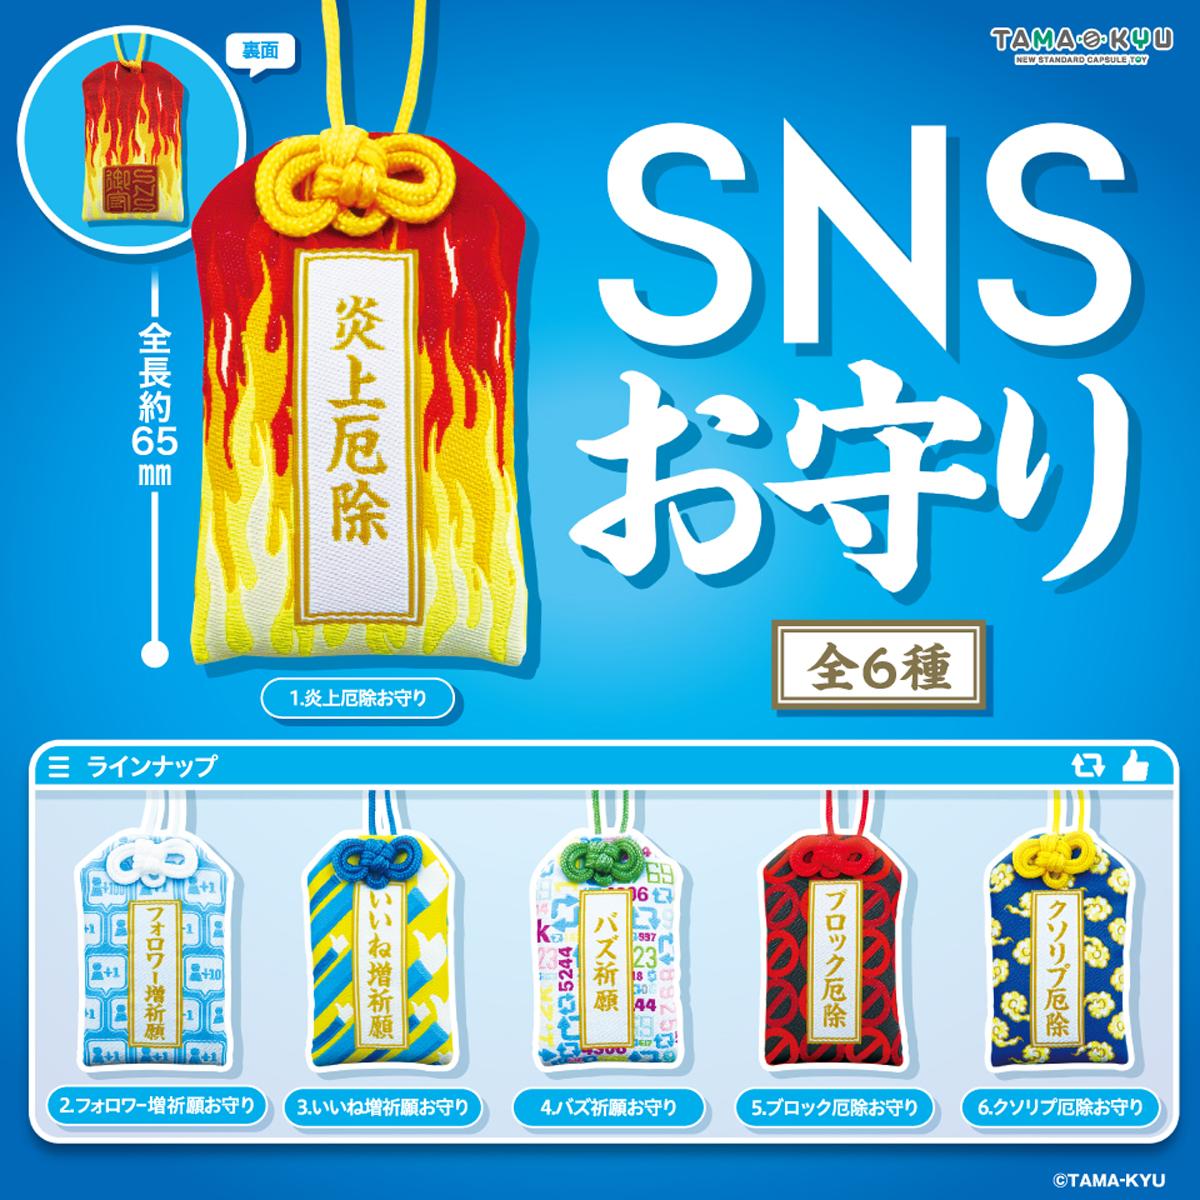 カプセルトイ「SNSお守り」発売 「バズ祈願」「炎上厄除」など全6種